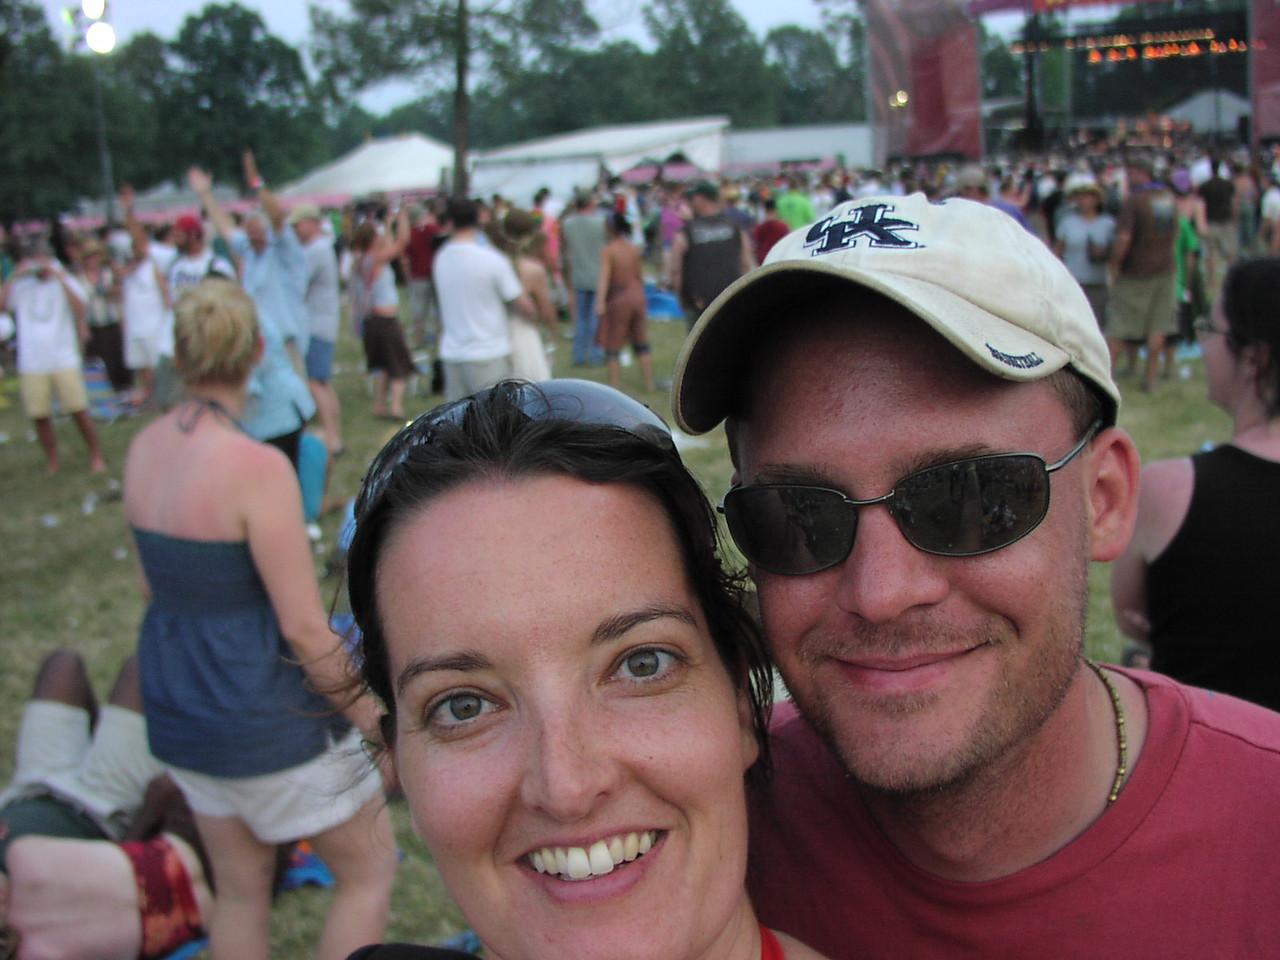 Us at Bonnaroo in 2006.